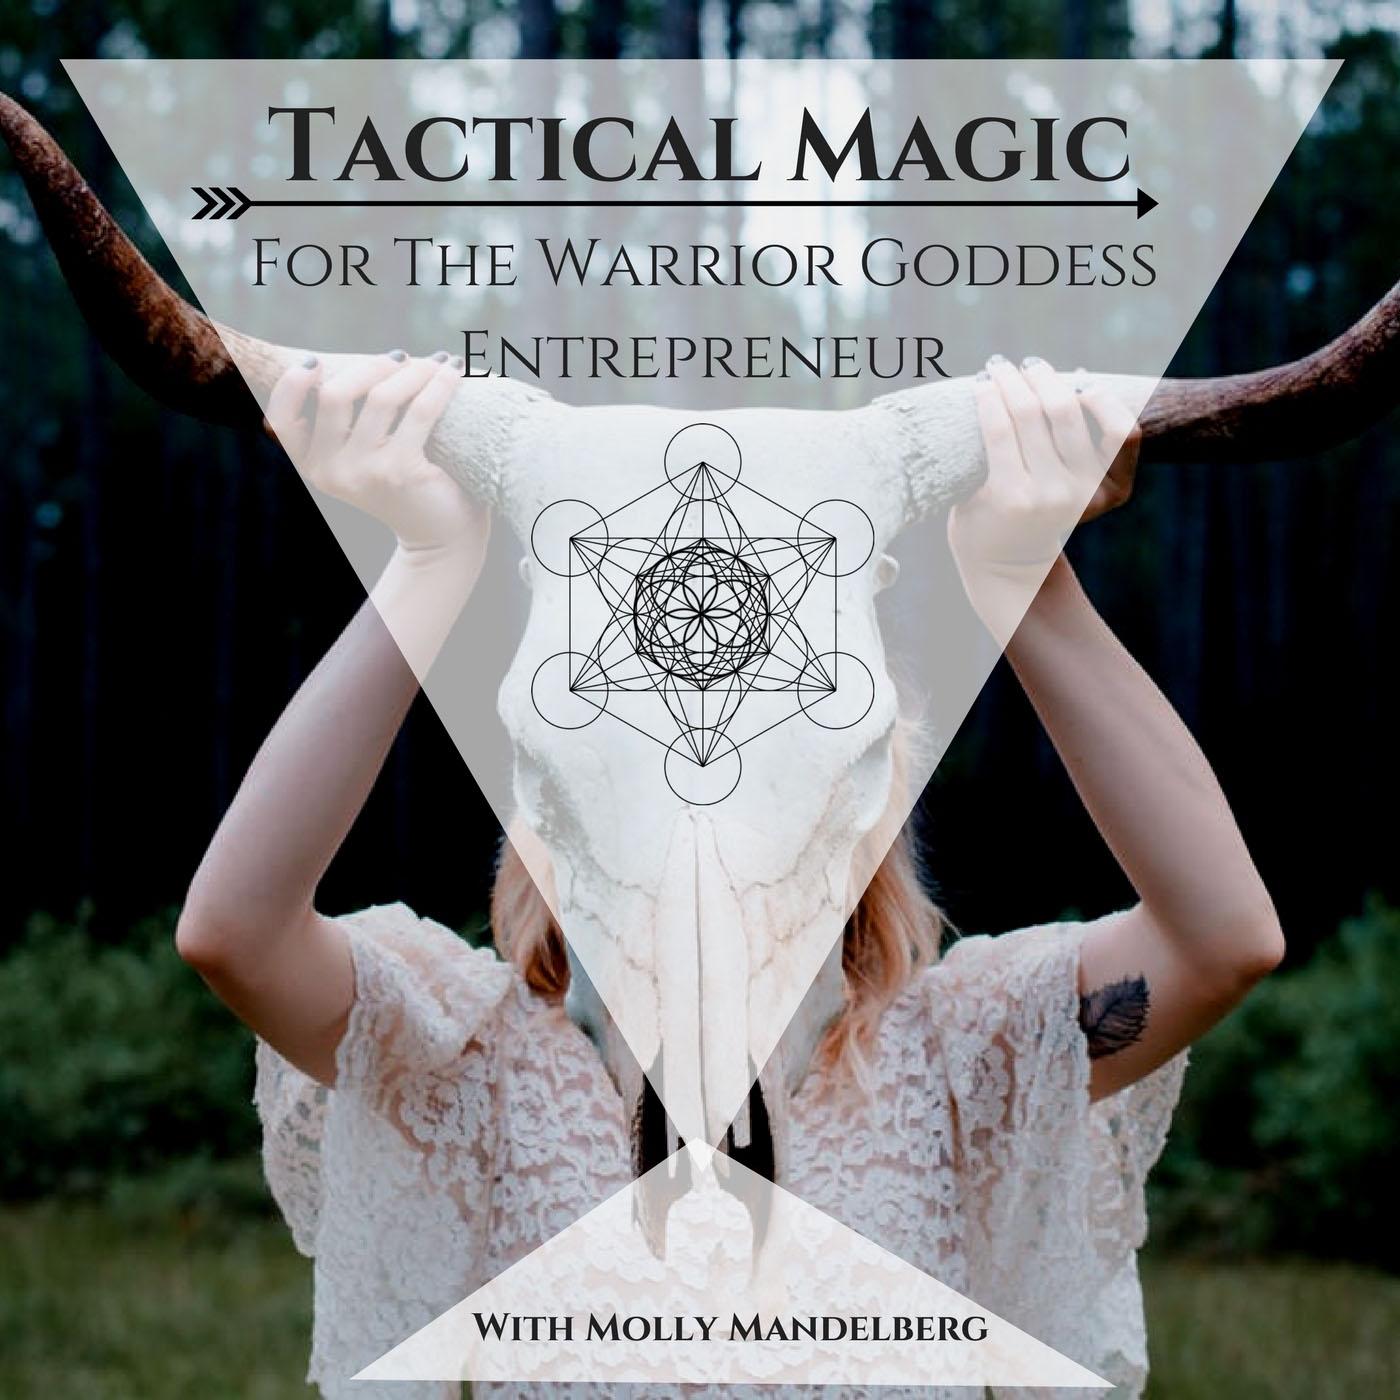 Tactical Magic Podcast show art